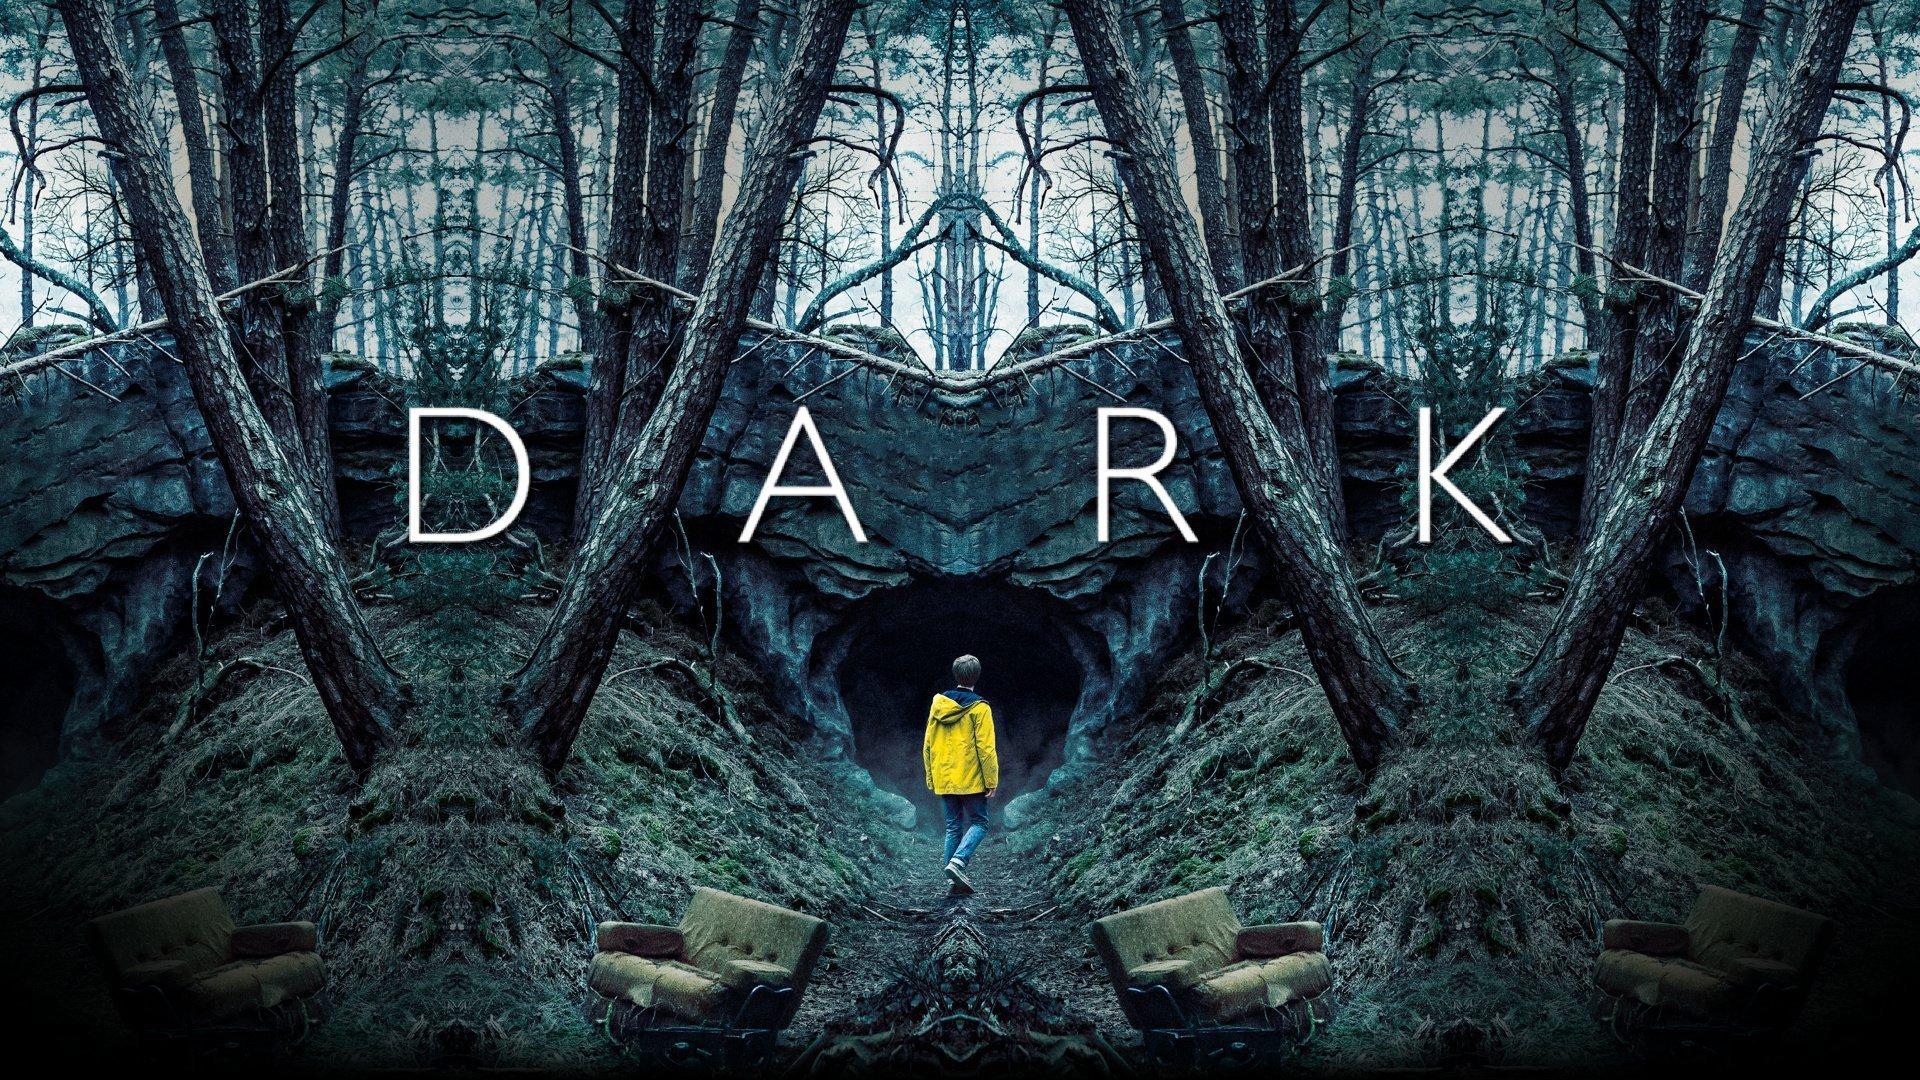 Dark, harmadik évad: nagy bejelentés várható!